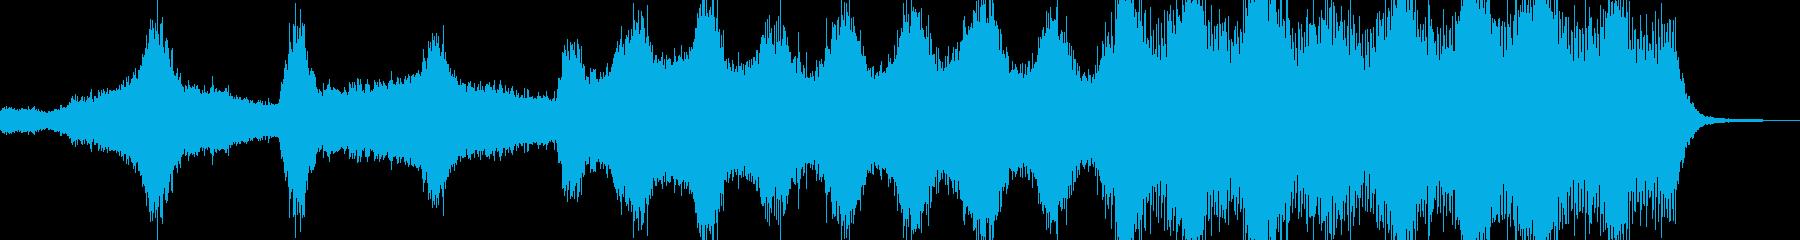 アンデッド・血生臭いホラーを演出 A3の再生済みの波形